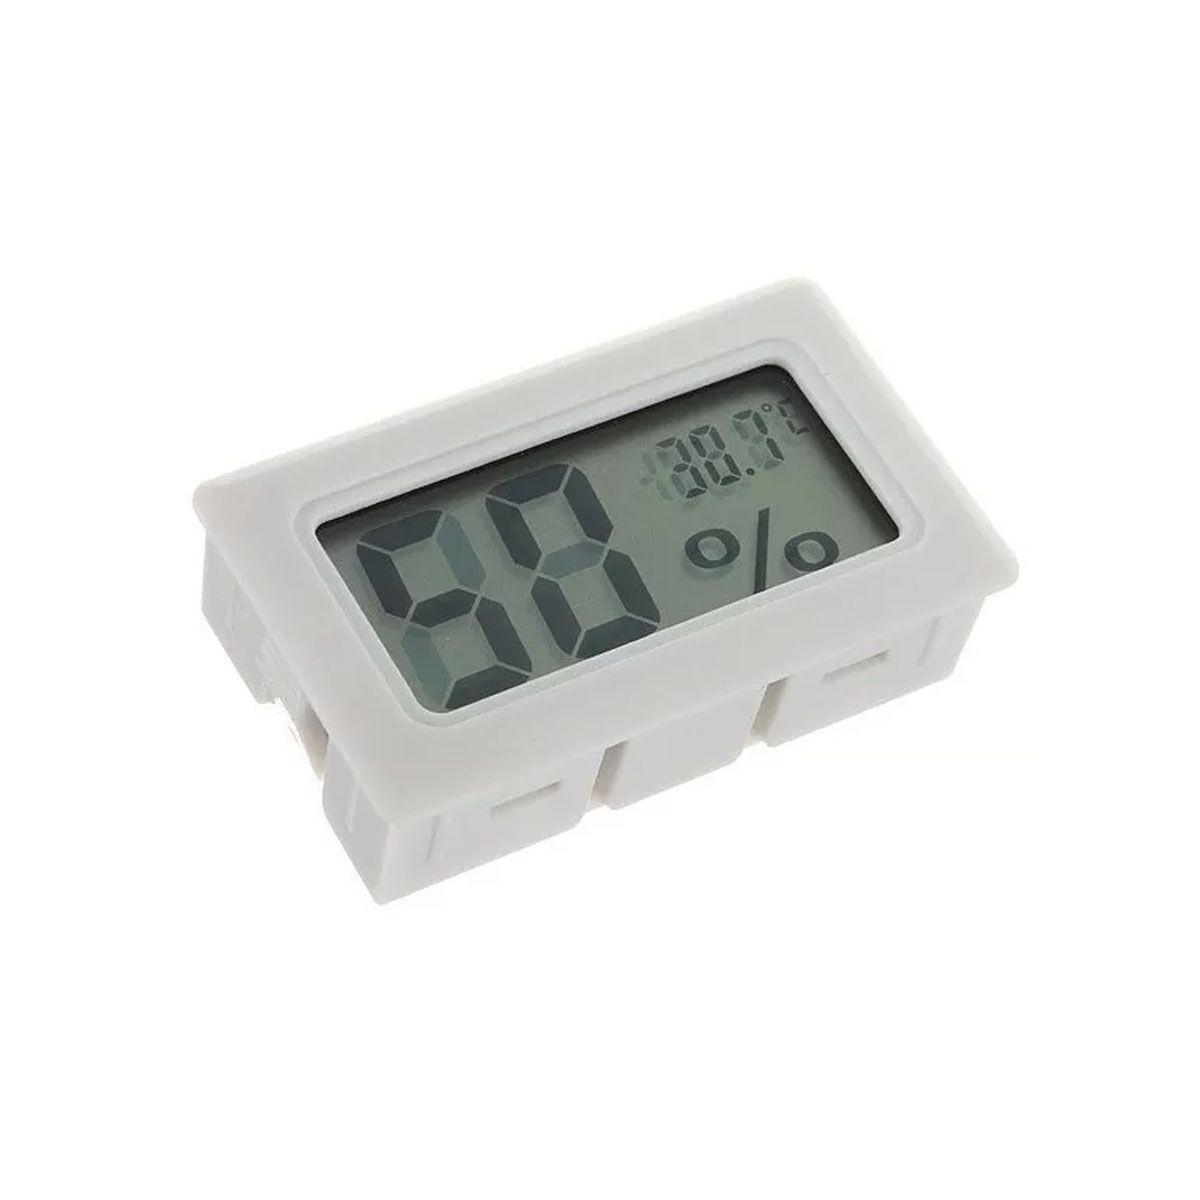 Mini Termômetro - Higrômetro Digital / Mede Temperatura e Umidade COM Bateria - Branca